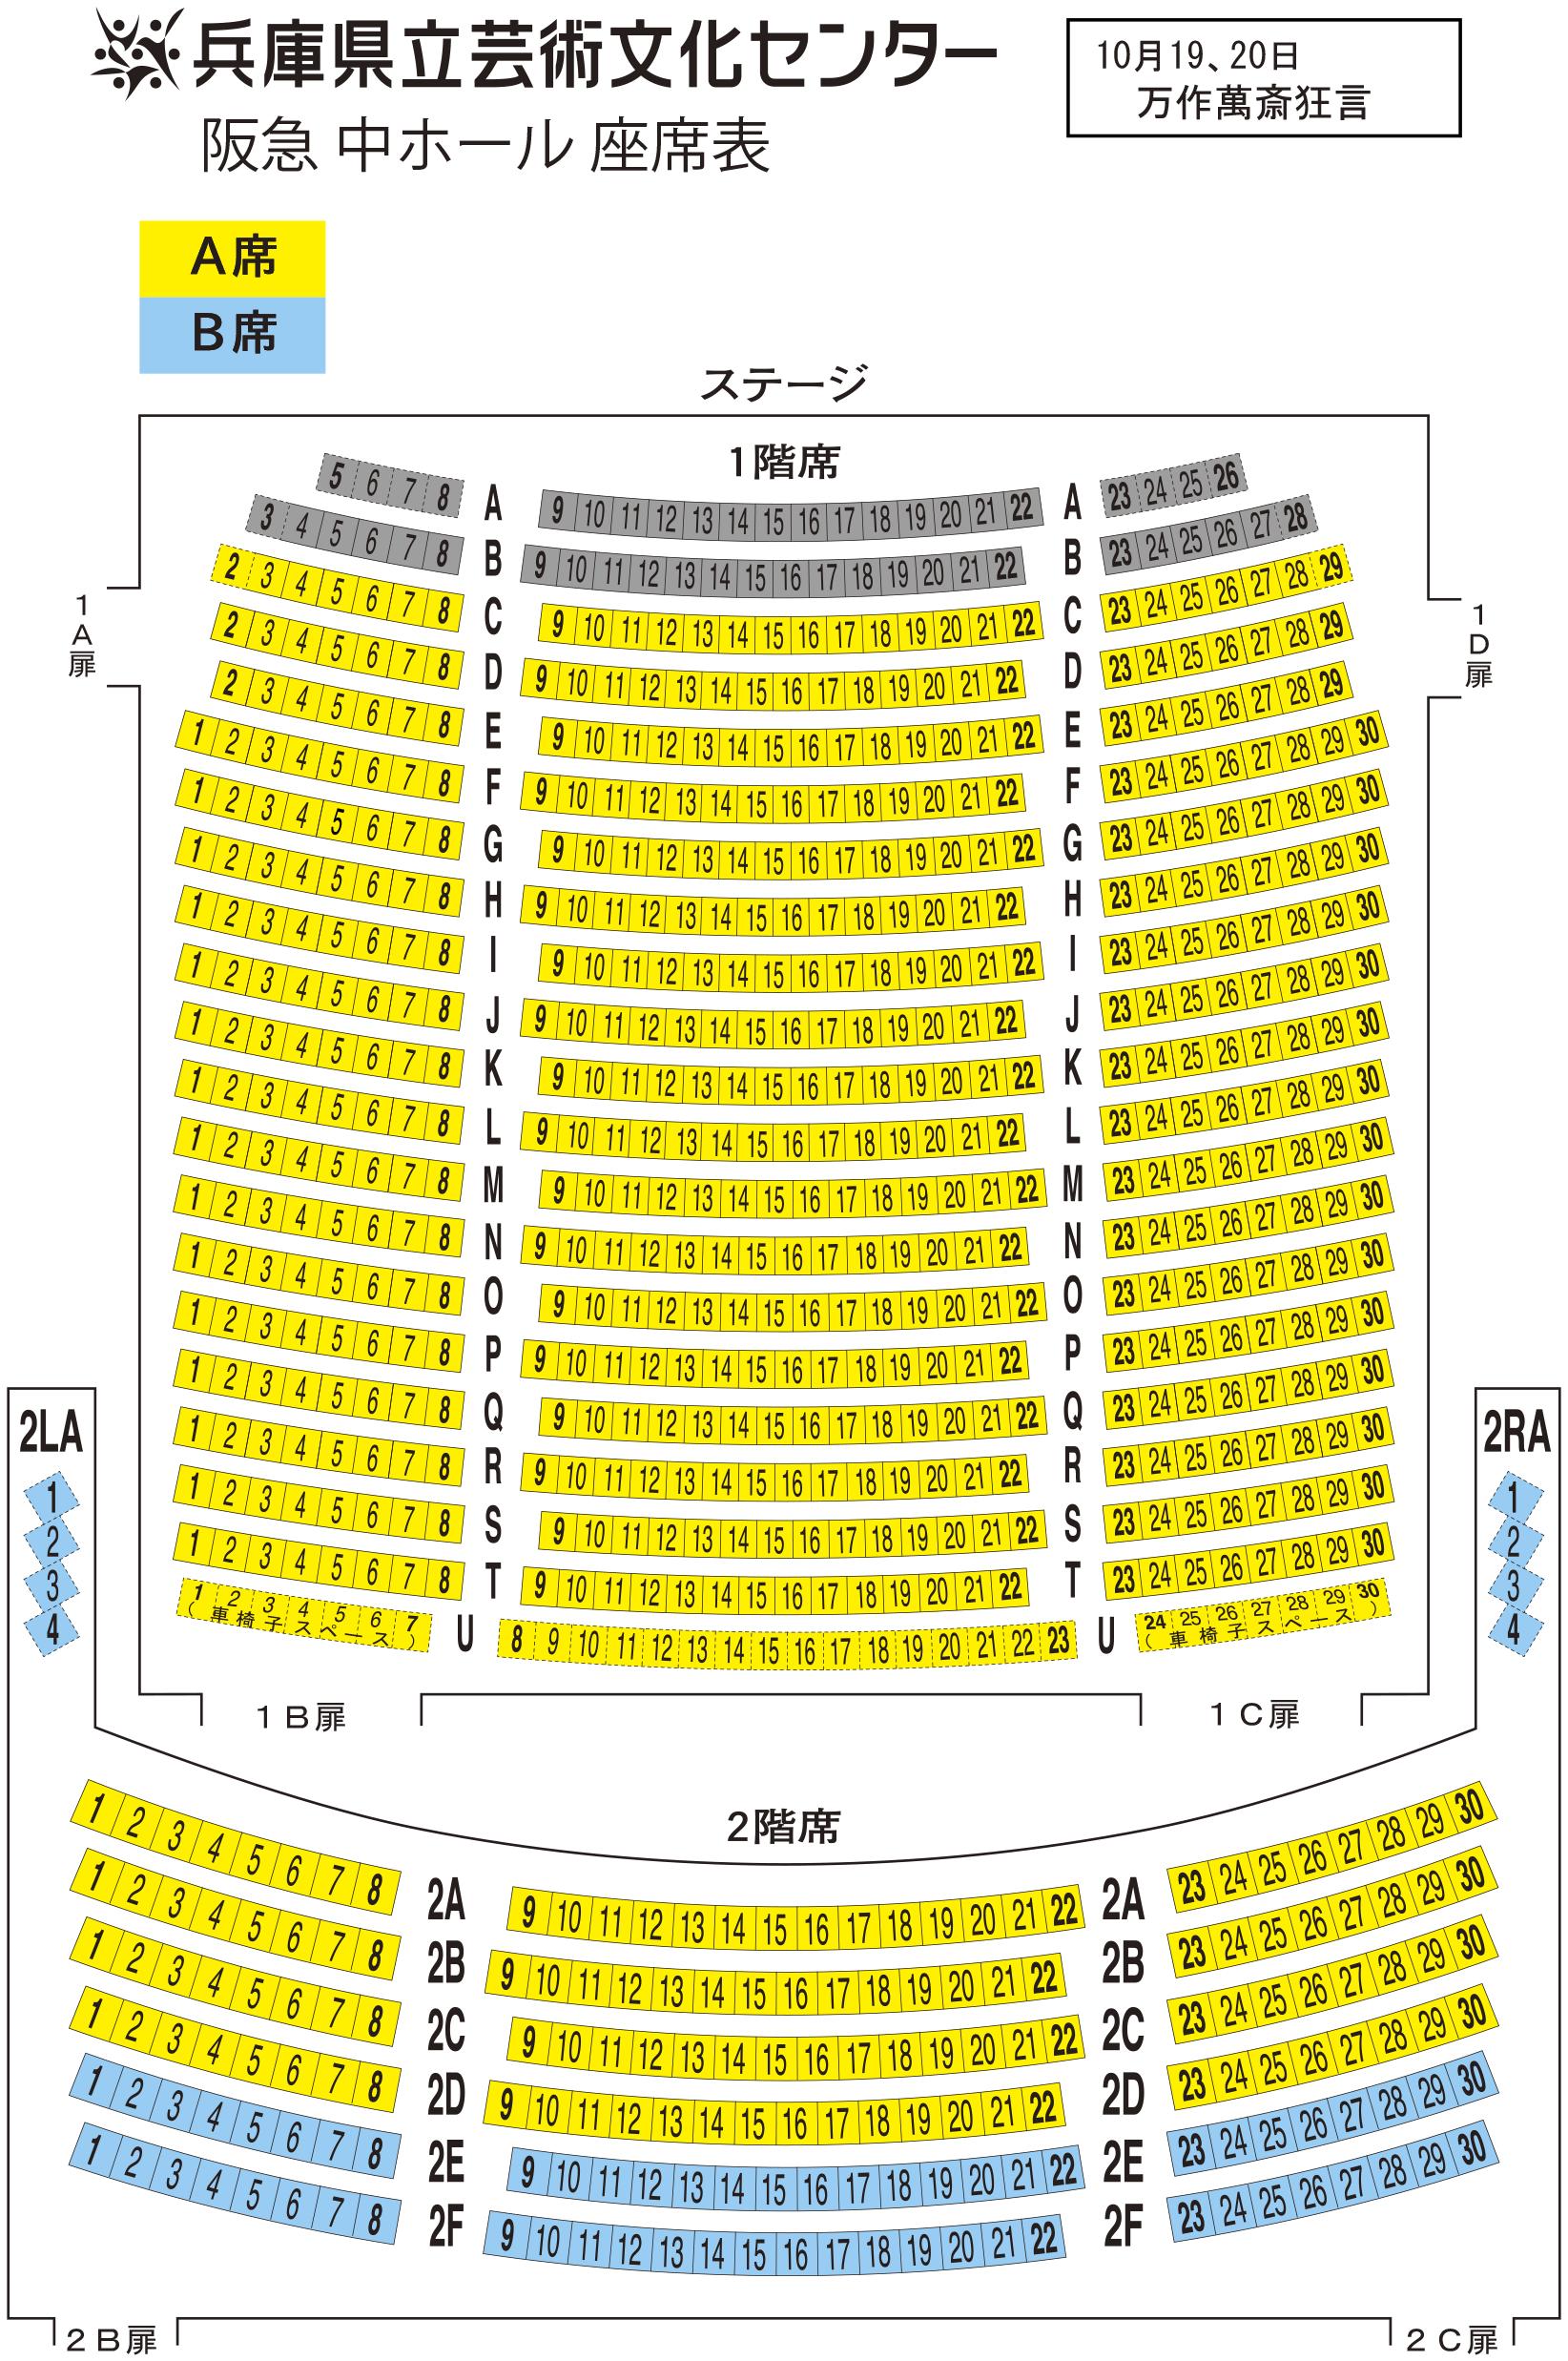 阪急 中ホール座席表